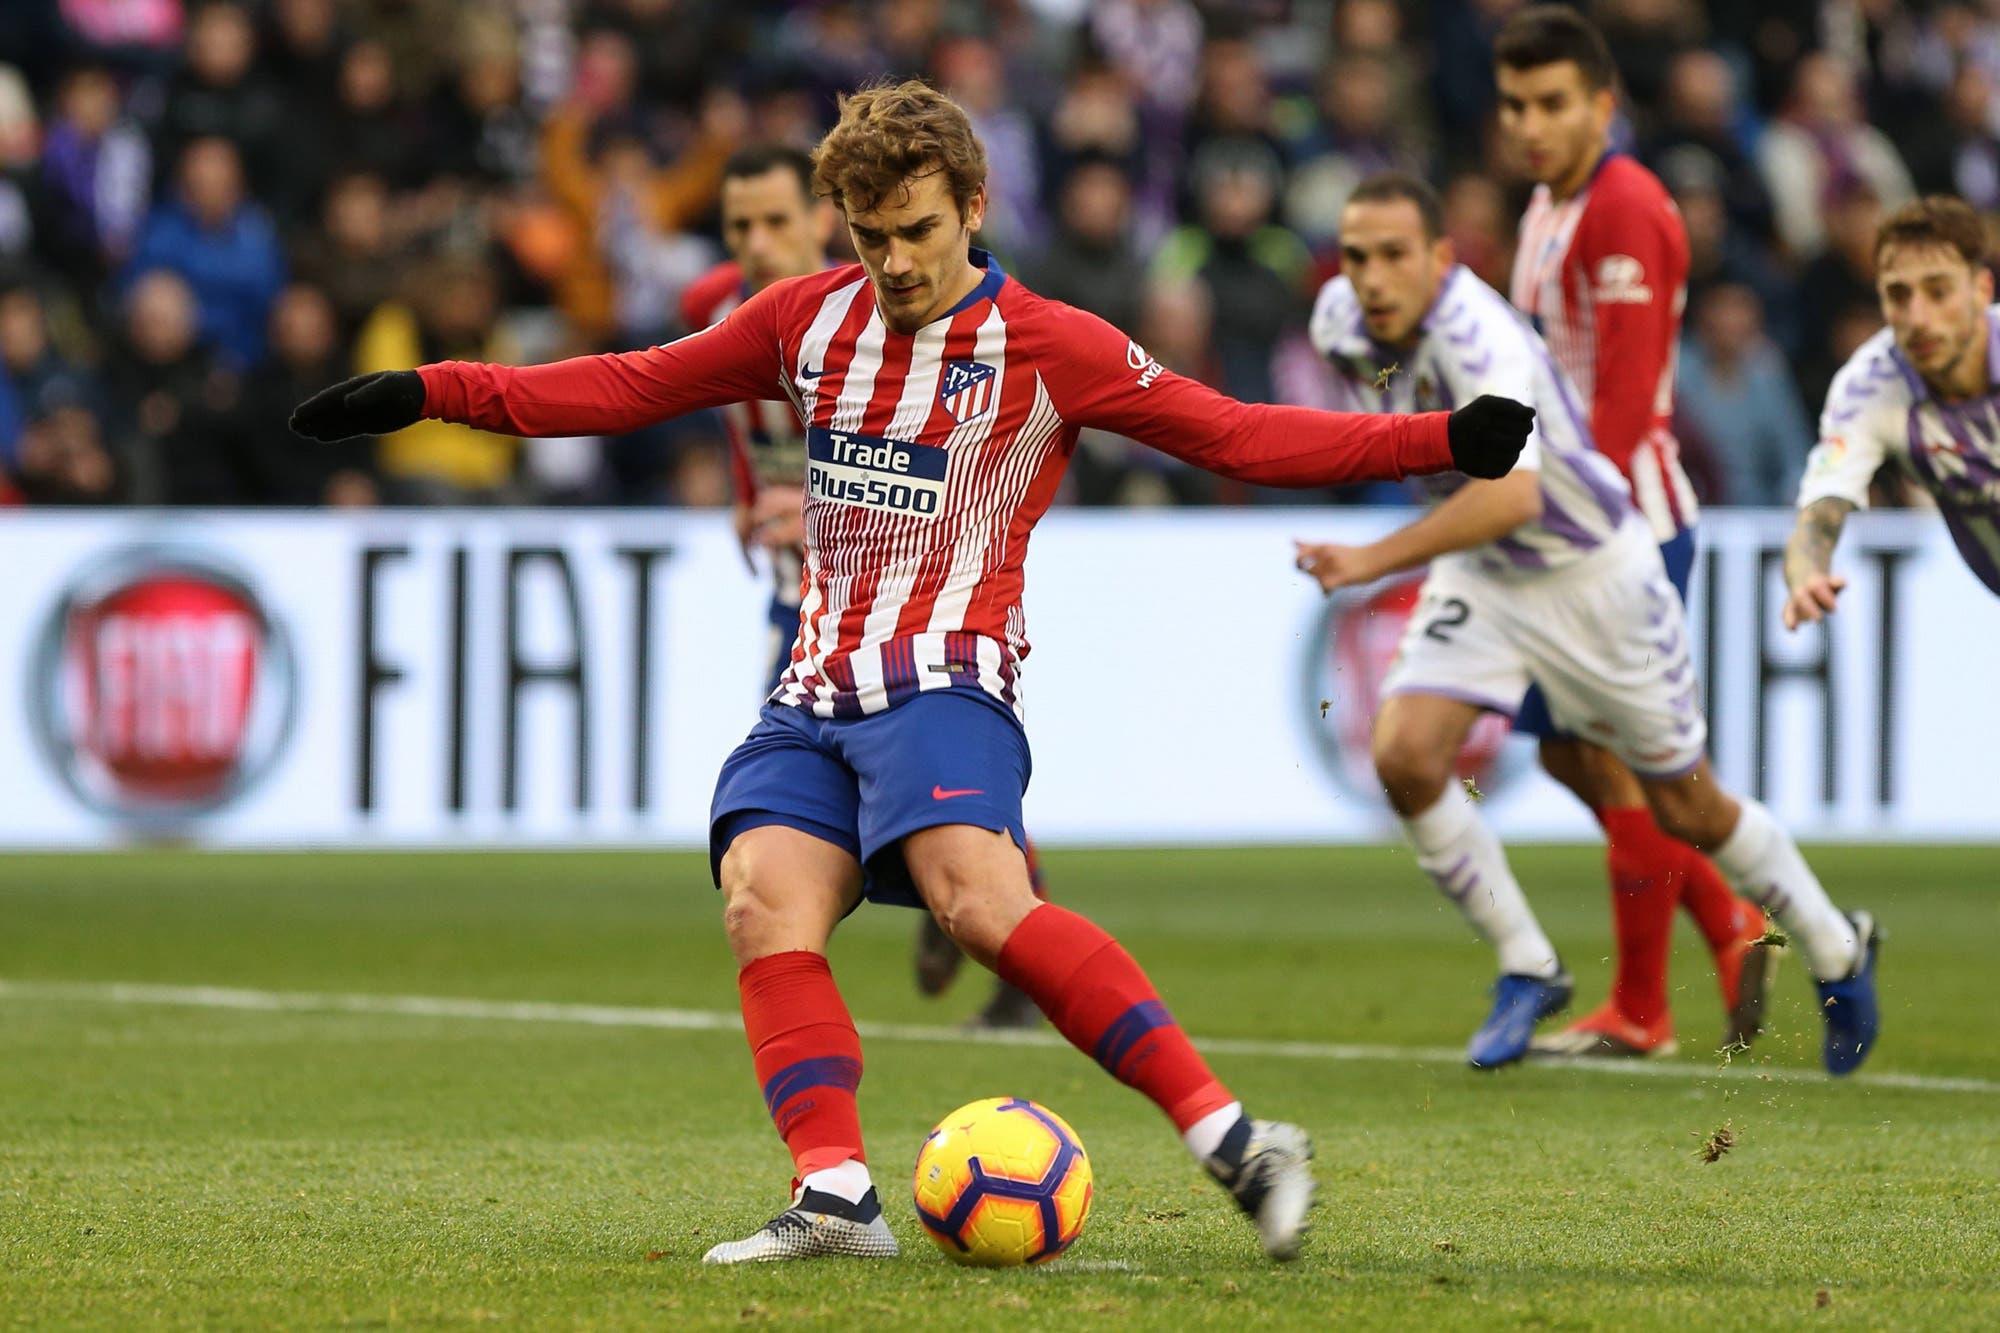 La crítica de Modric contra Cristiano Ronaldo y Messi por no haber asistido al Balón de Oro